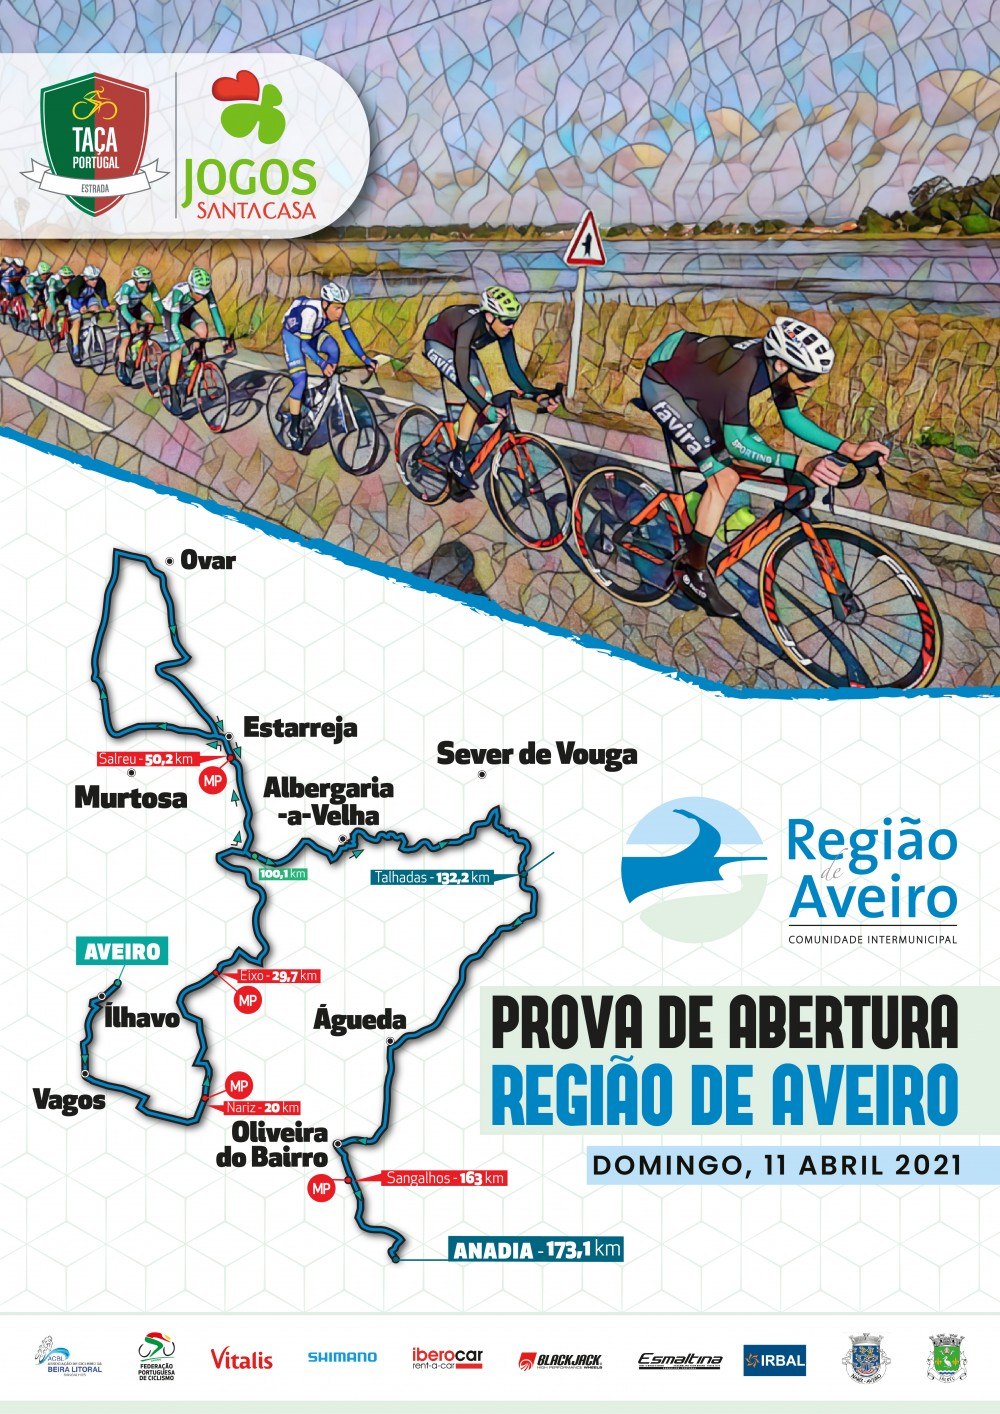 Prova de Abertura - Região de Aveiro - Taça de Portugal Jogos Santa Casa